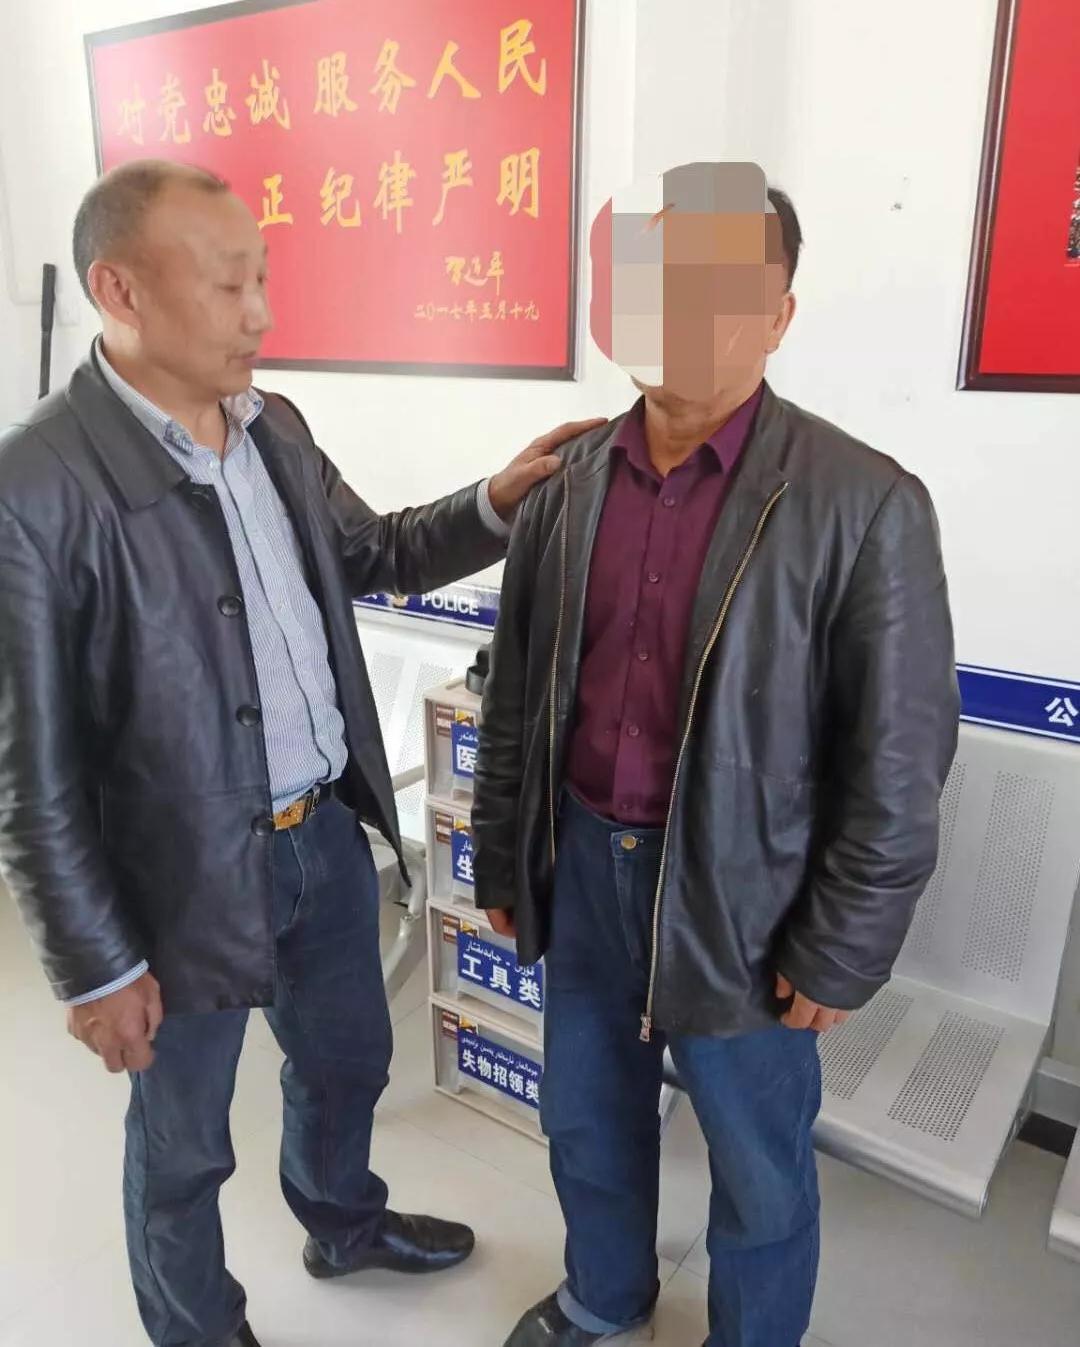 (左为经侦民警、右为嫌疑人周某峰)